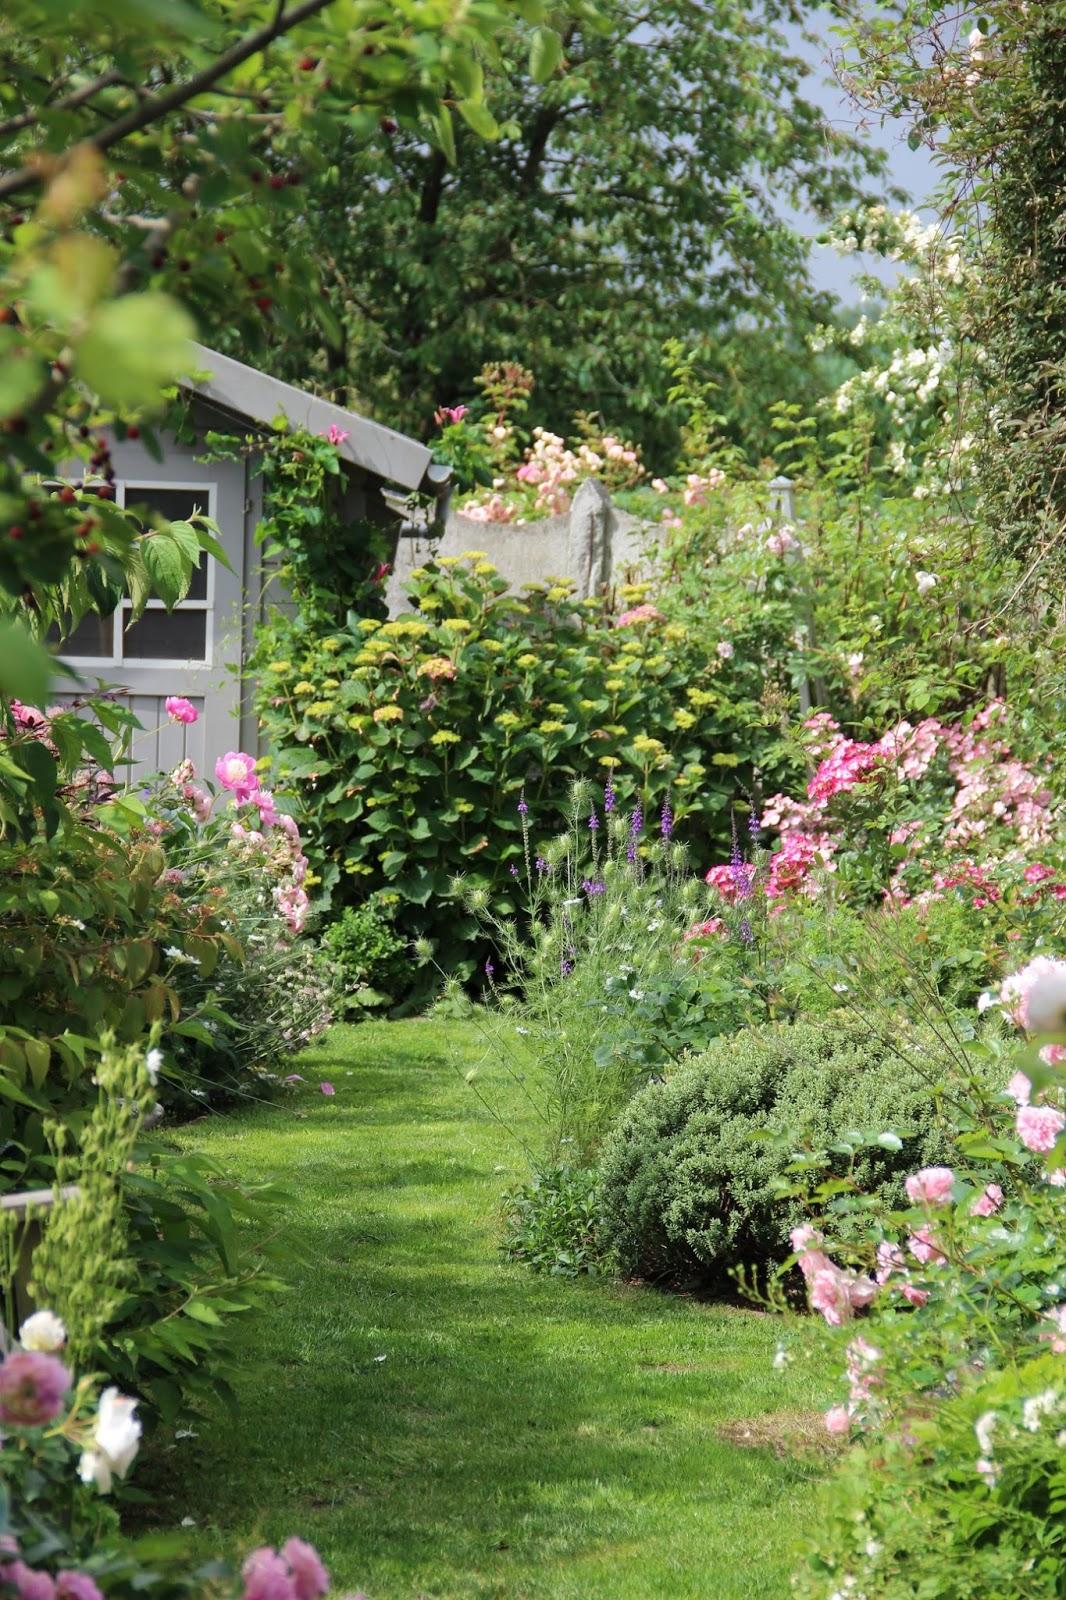 Derri re les murs de mon jardin p riple en belgique jour 2 un petit tour chez malo - Deco jardin nature et decouverte grenoble ...